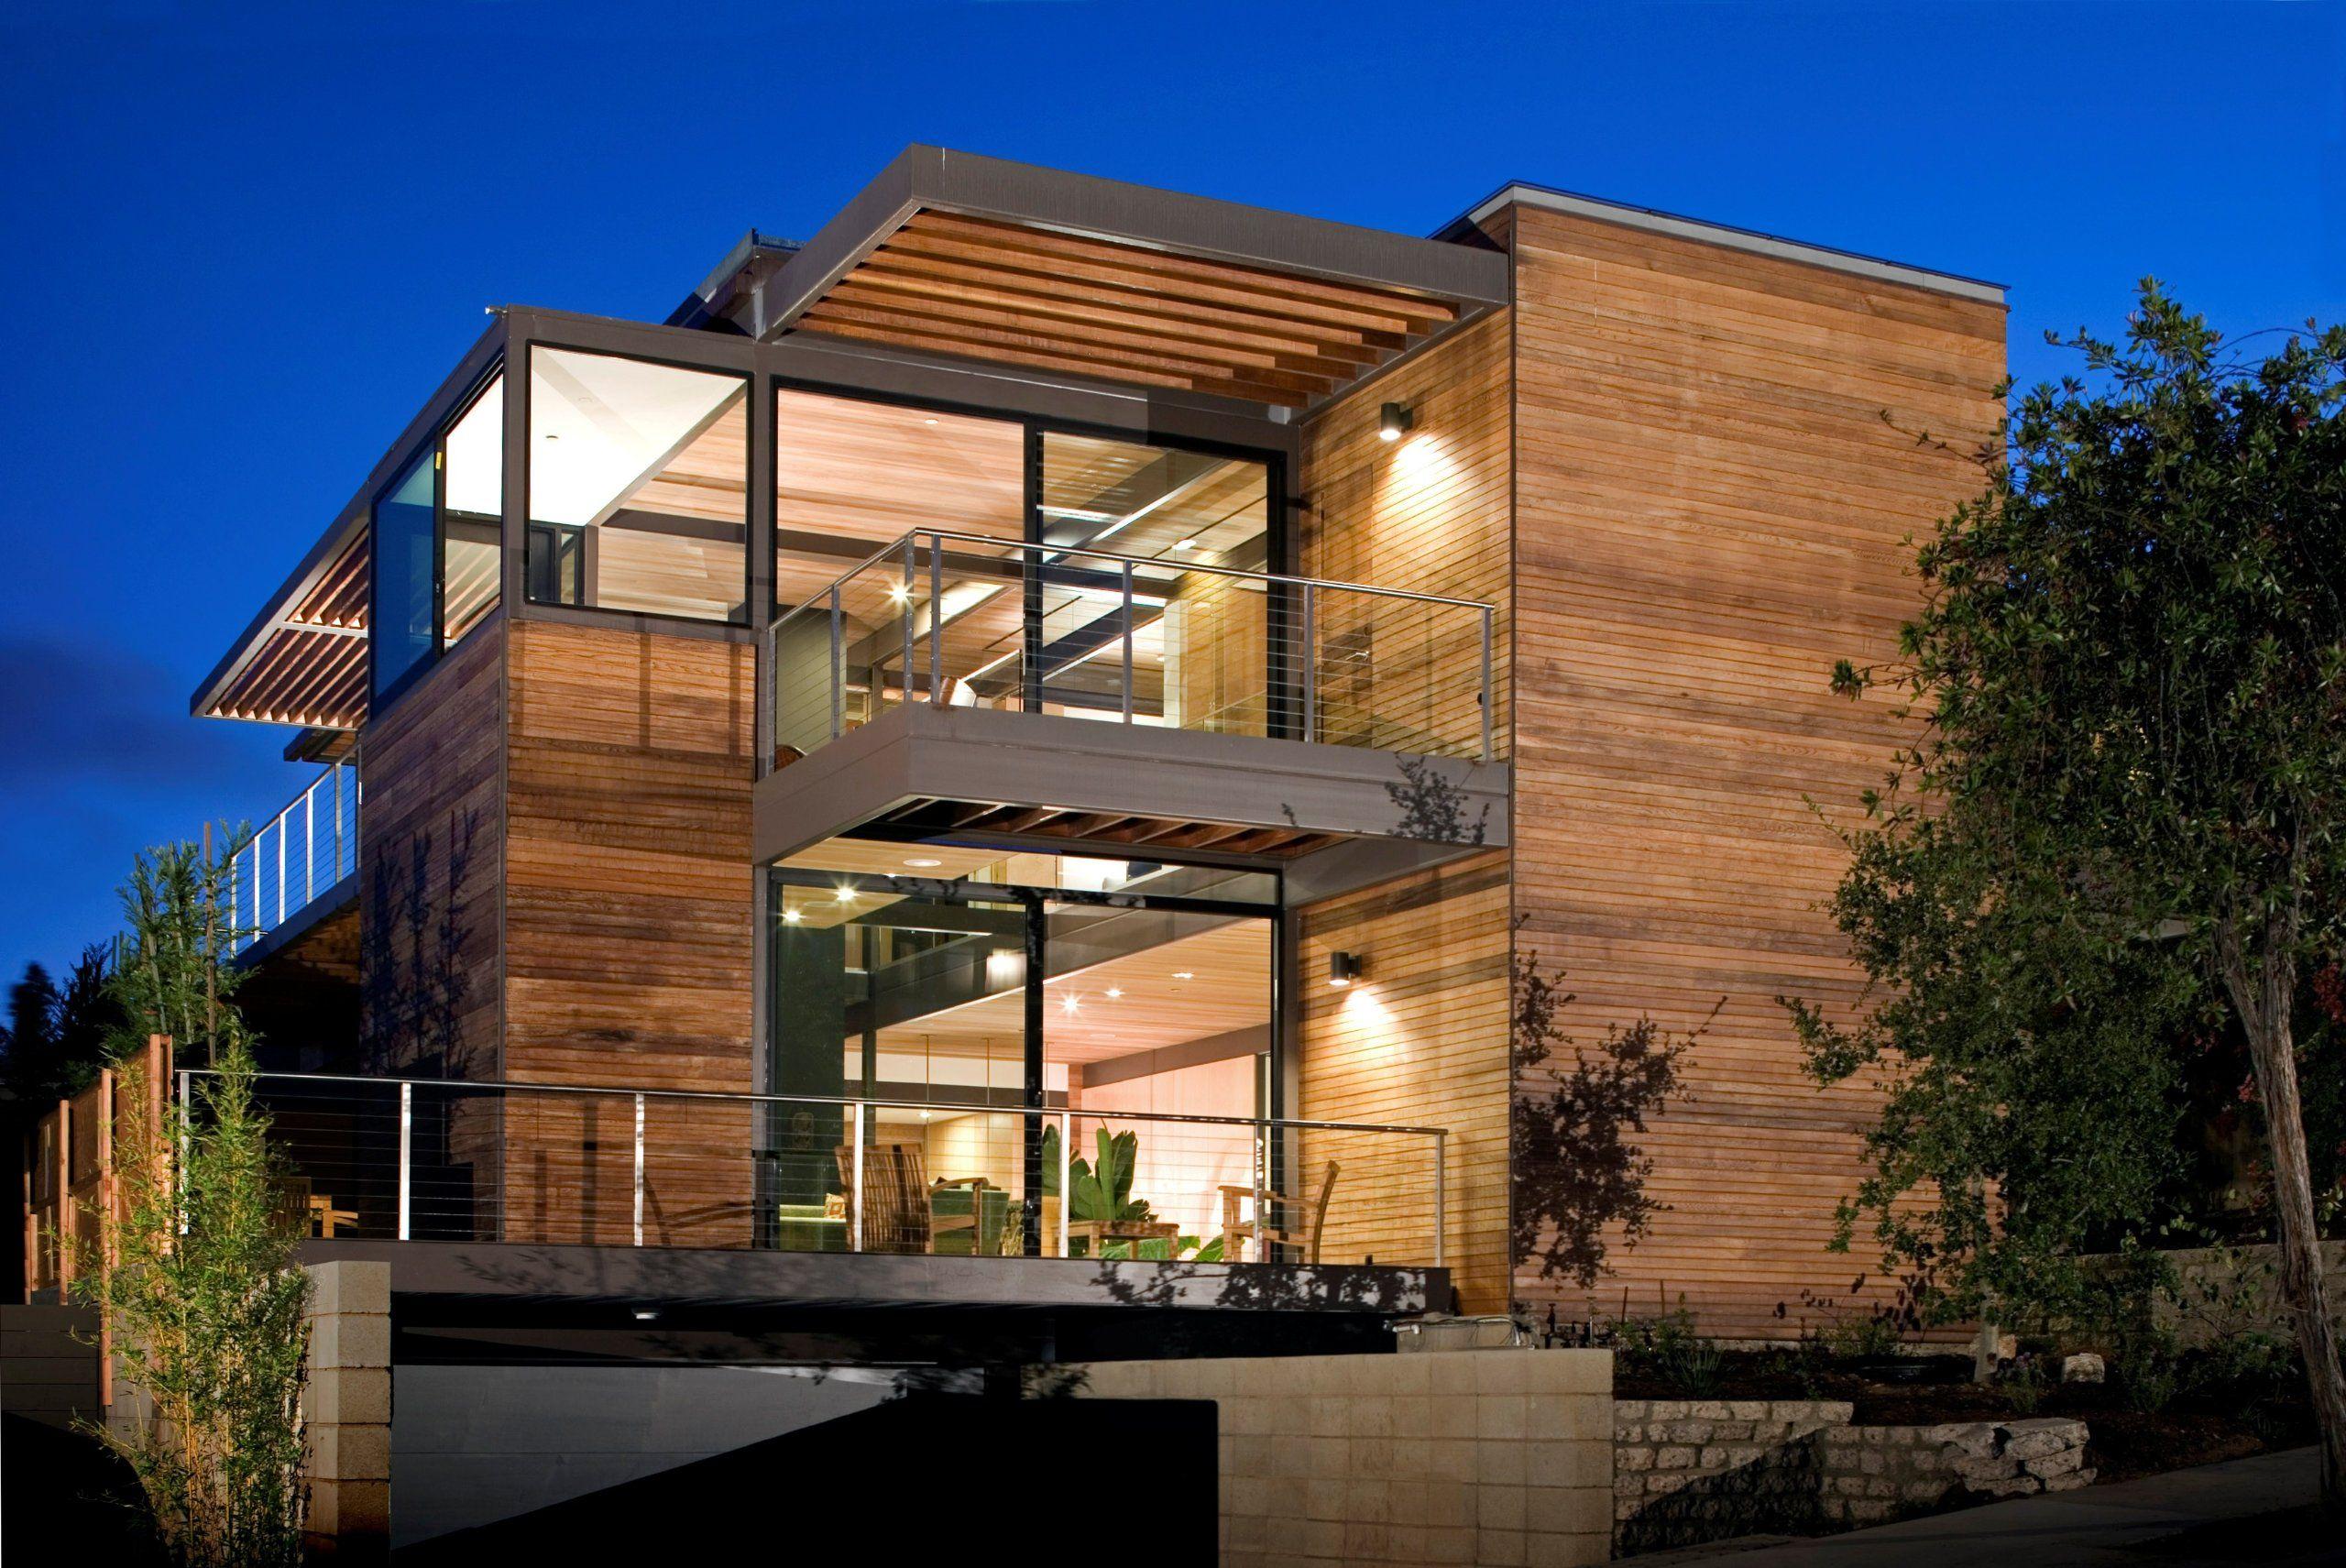 Casa Prefabricada De Acero Madera Y Cristal Arquitectura